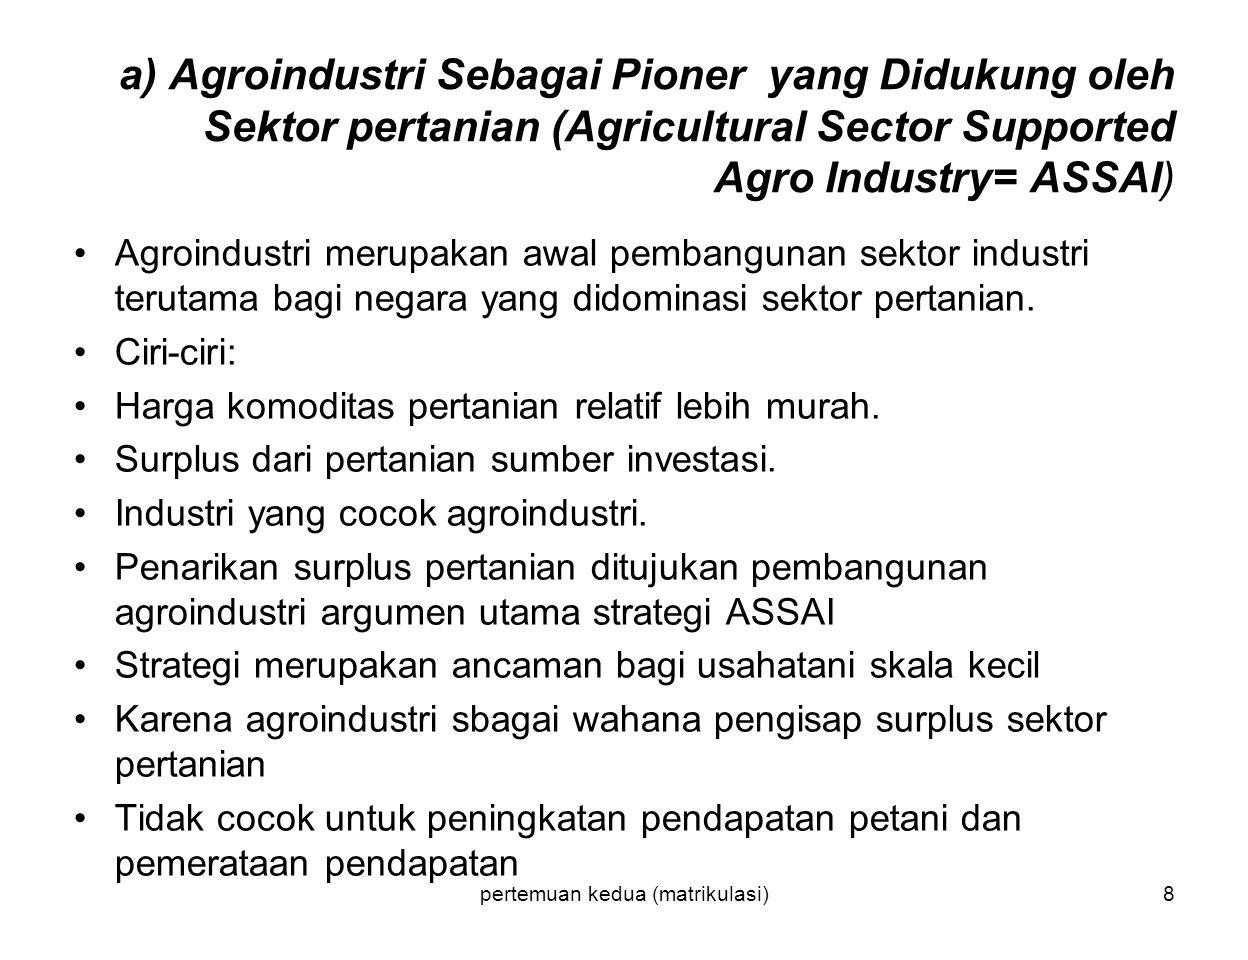 pertemuan kedua (matrikulasi)8 a) Agroindustri Sebagai Pioner yang Didukung oleh Sektor pertanian (Agricultural Sector Supported Agro Industry= ASSAI) Agroindustri merupakan awal pembangunan sektor industri terutama bagi negara yang didominasi sektor pertanian.